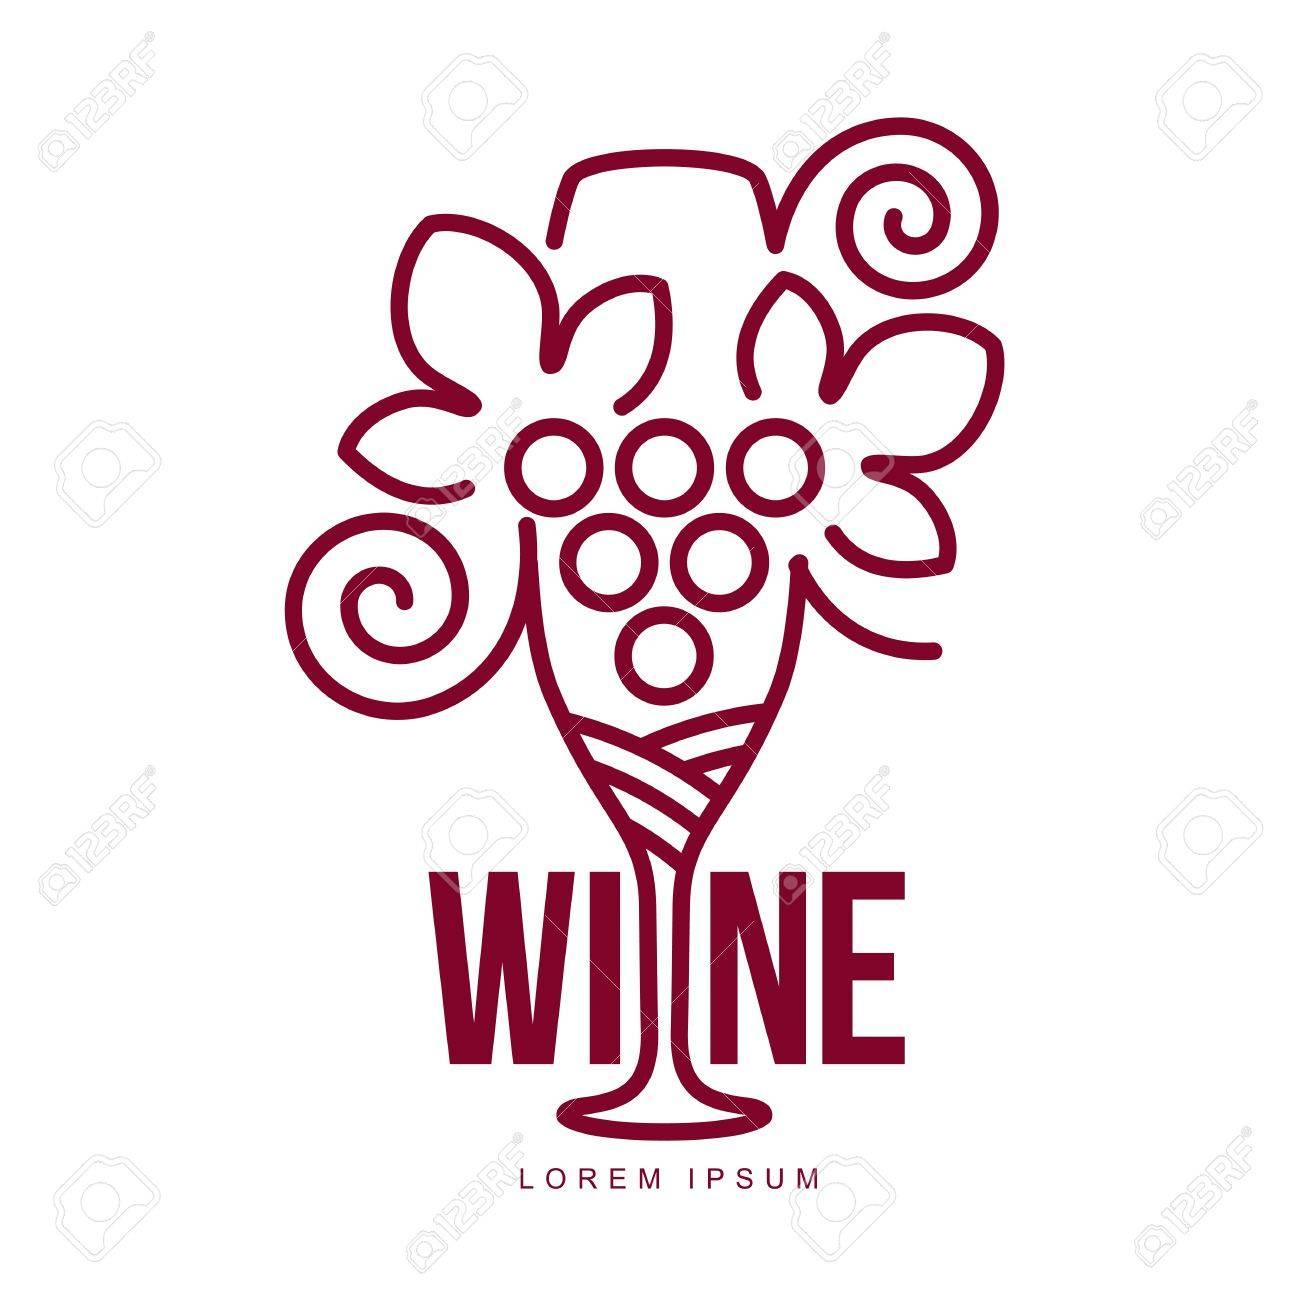 Weinlogo-Vorlagen. Flasche, Glas, Weintraube. Vintage-Stil Wein ...